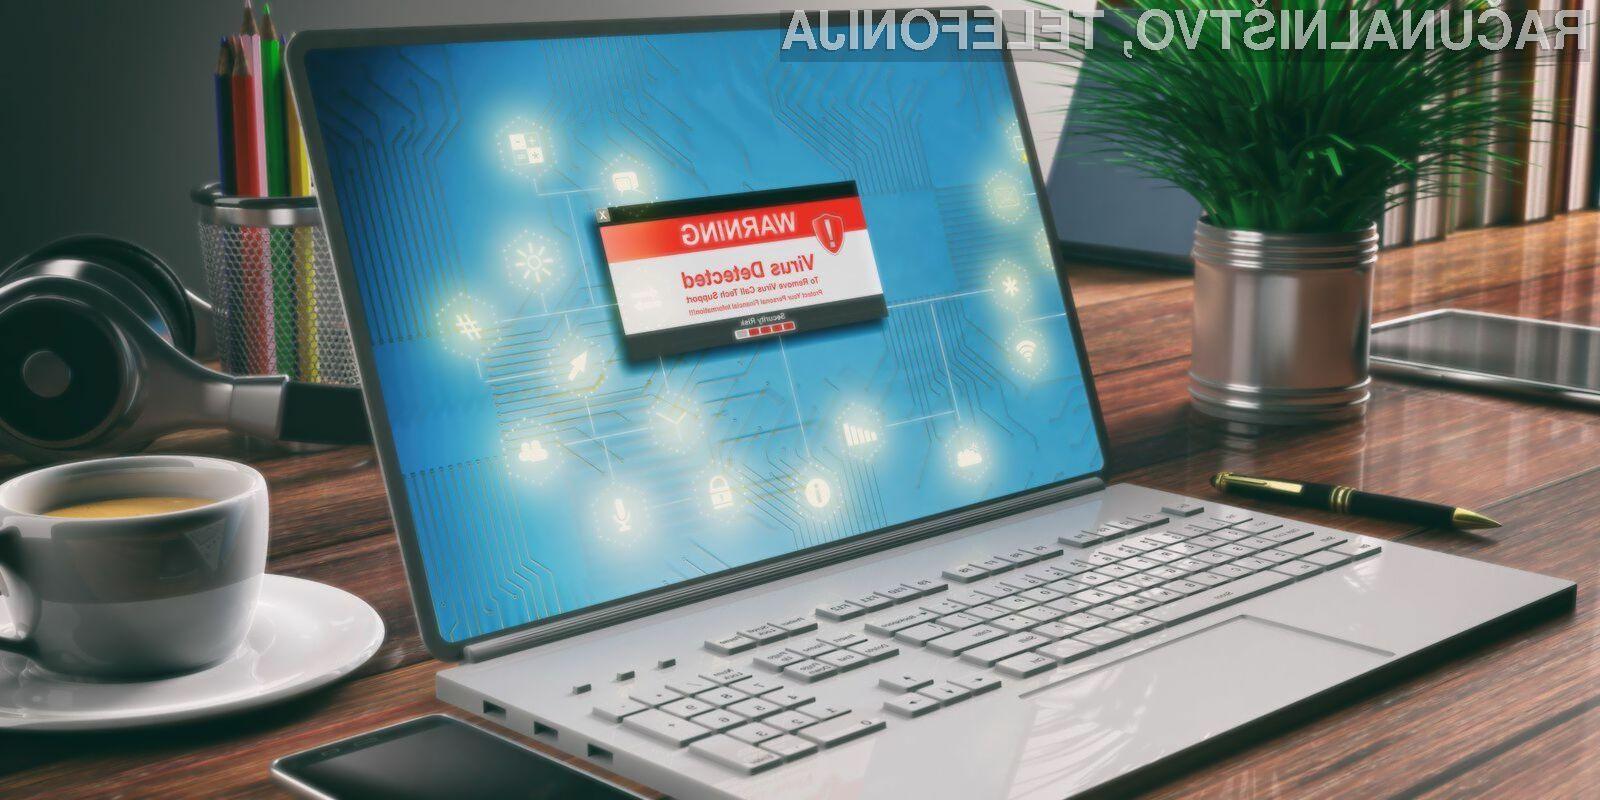 Kar 15 odstotkov uporabnikov operacijskega sistema Windows 7 nima nameščenega niti enega varnostnega popravka.